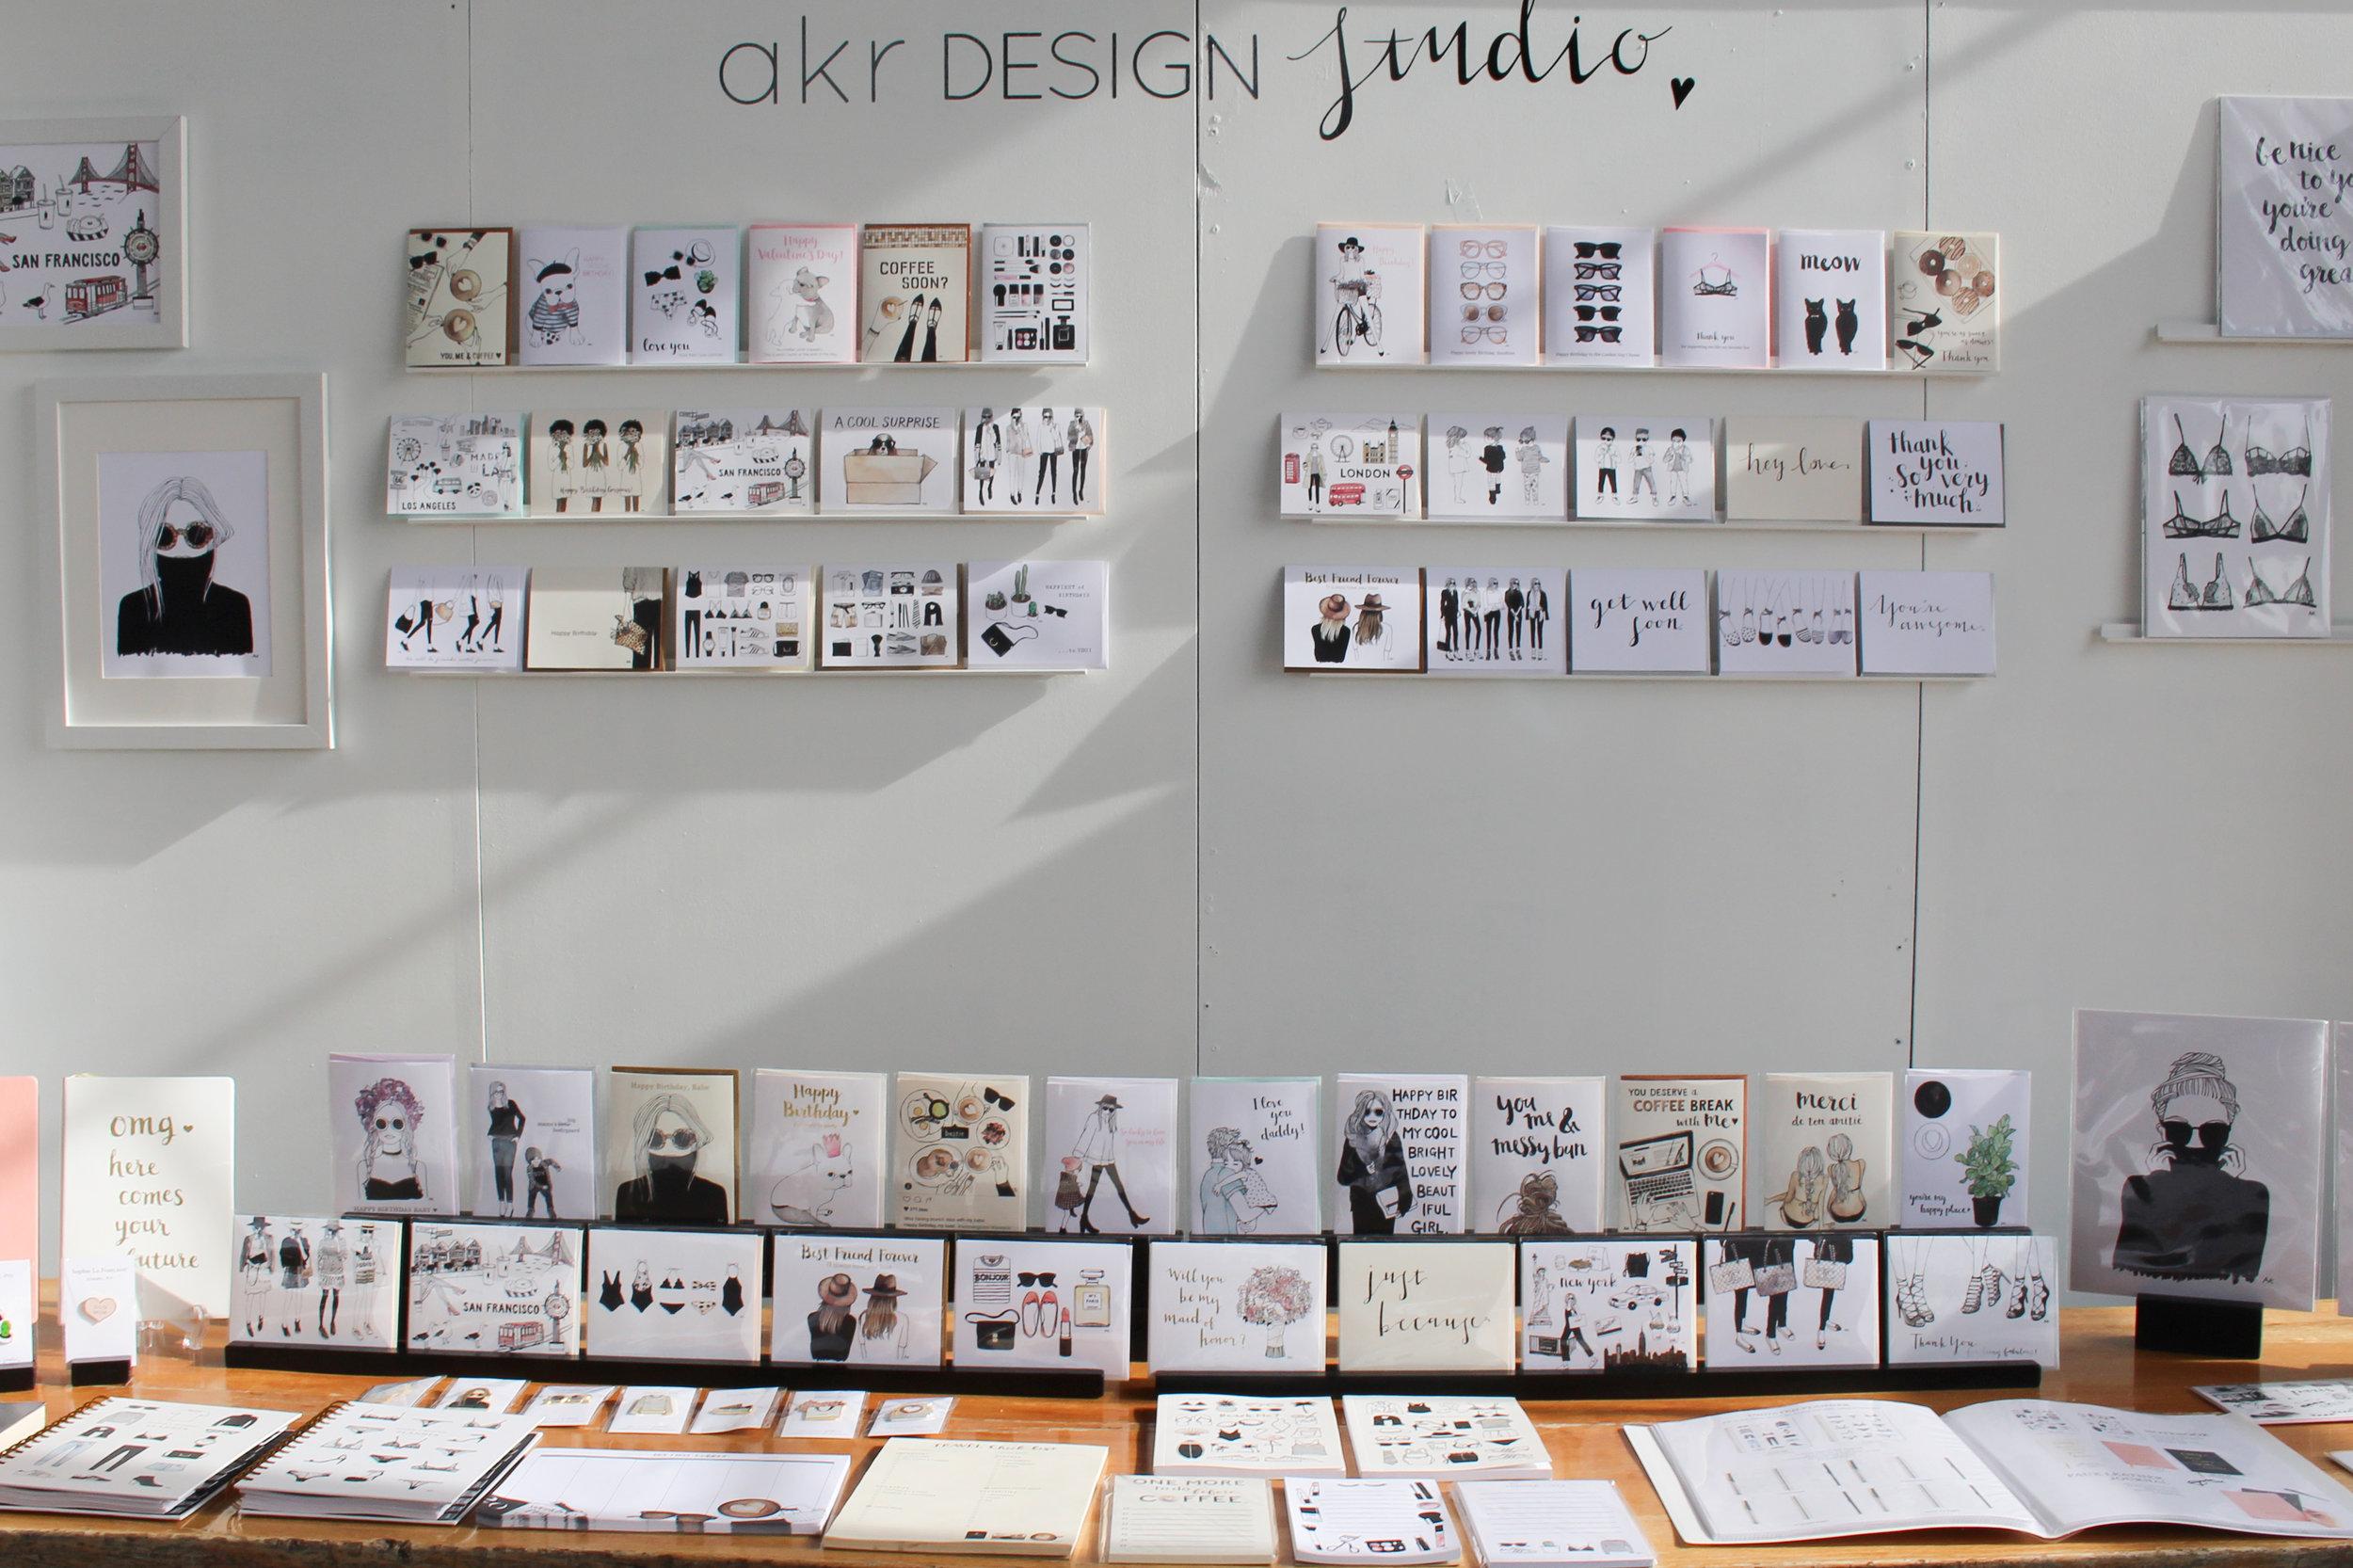 AKR Design Studio IMG_8995.JPG